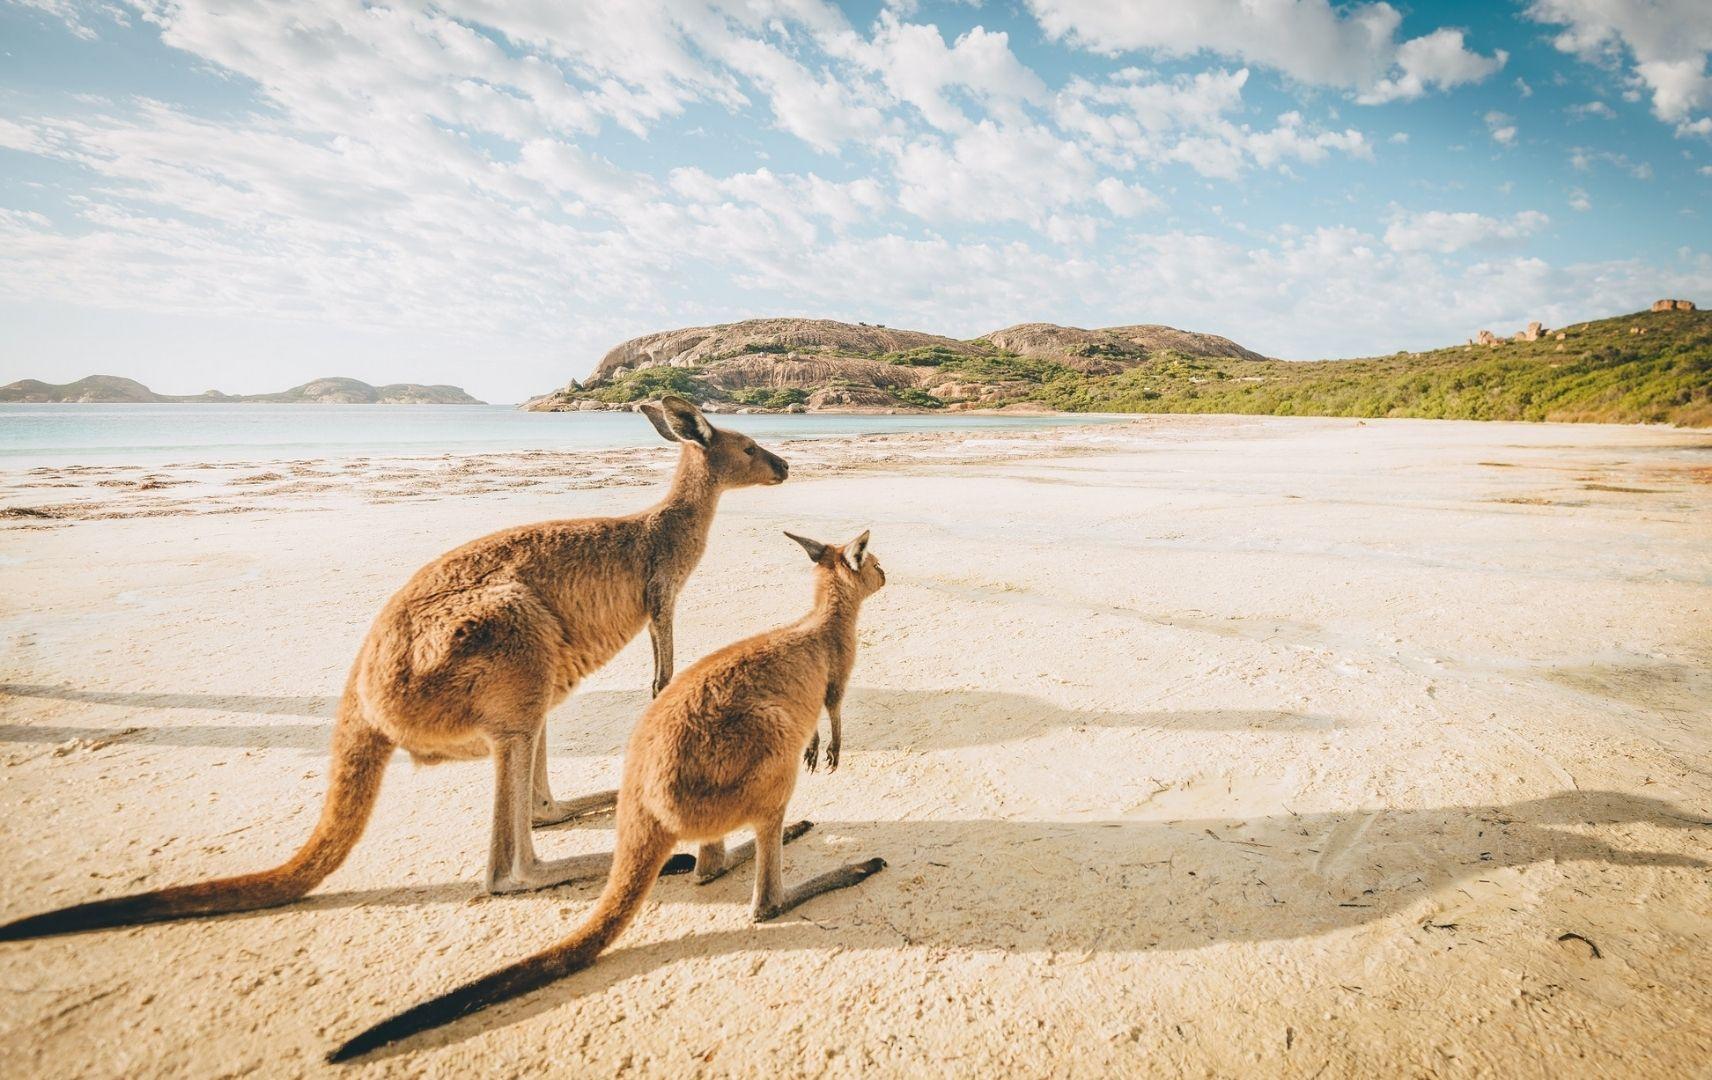 Fernreise Australien - Kangoroo